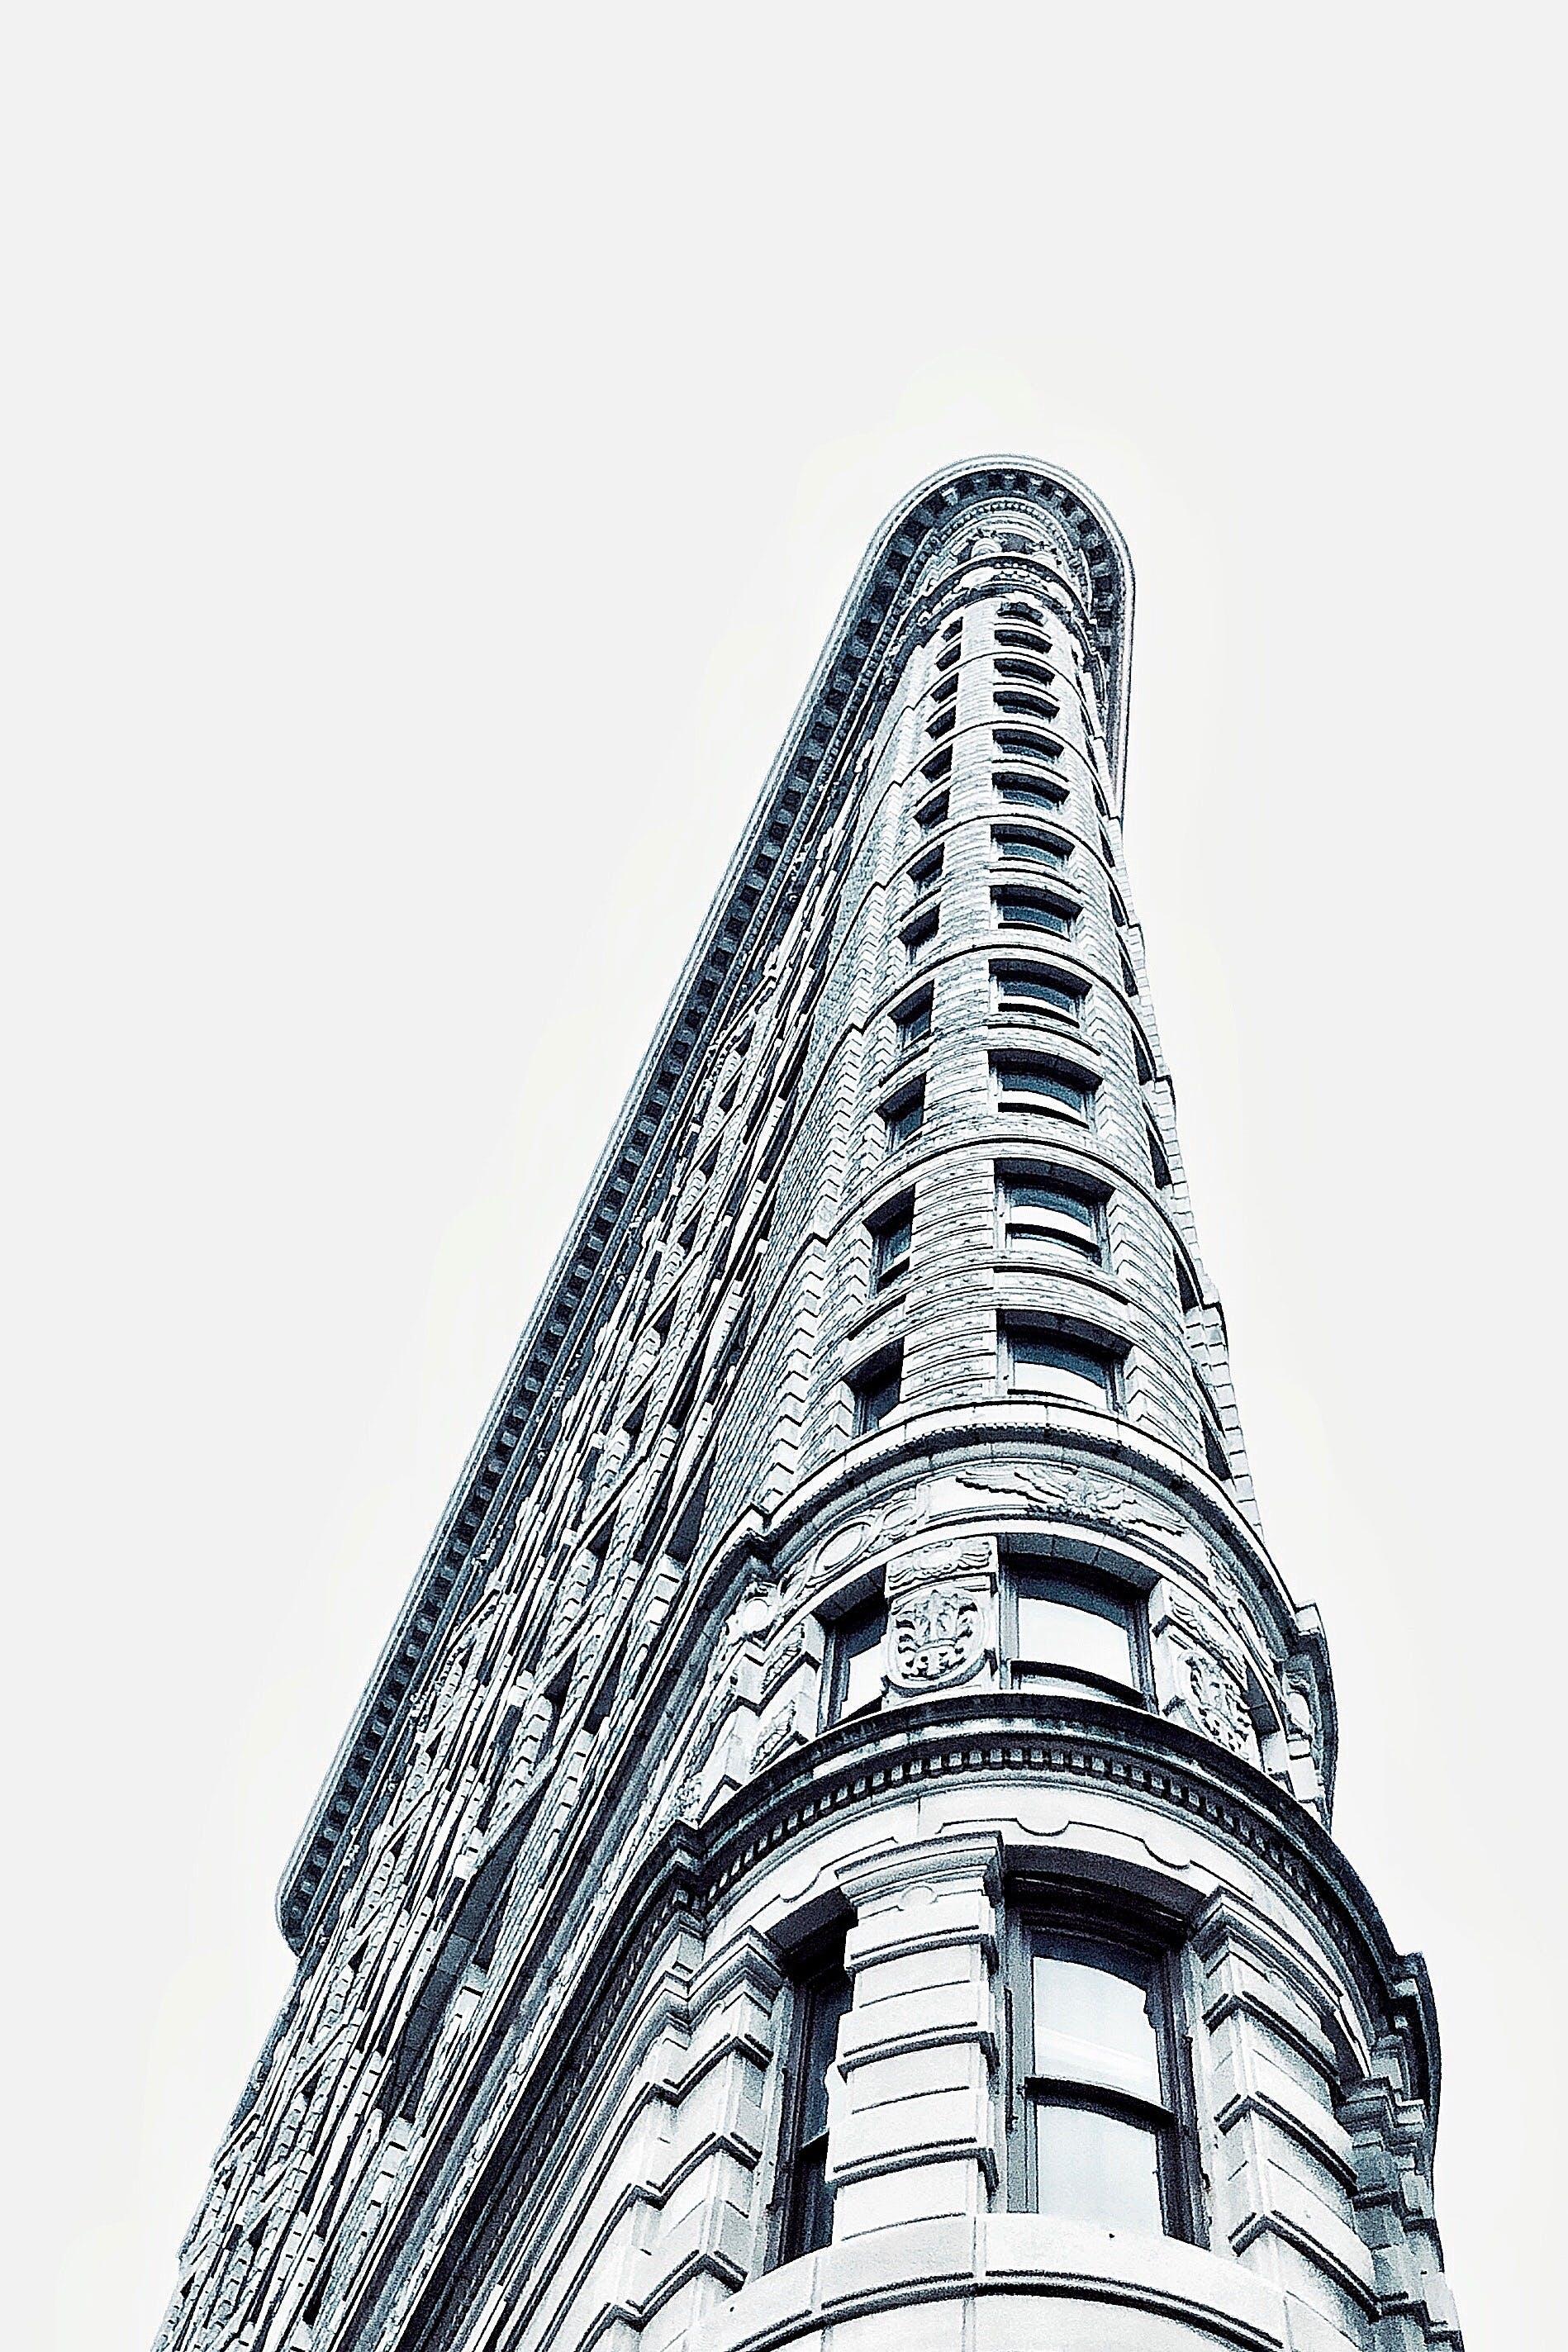 architektur, aufnahme von unten, ausdruck